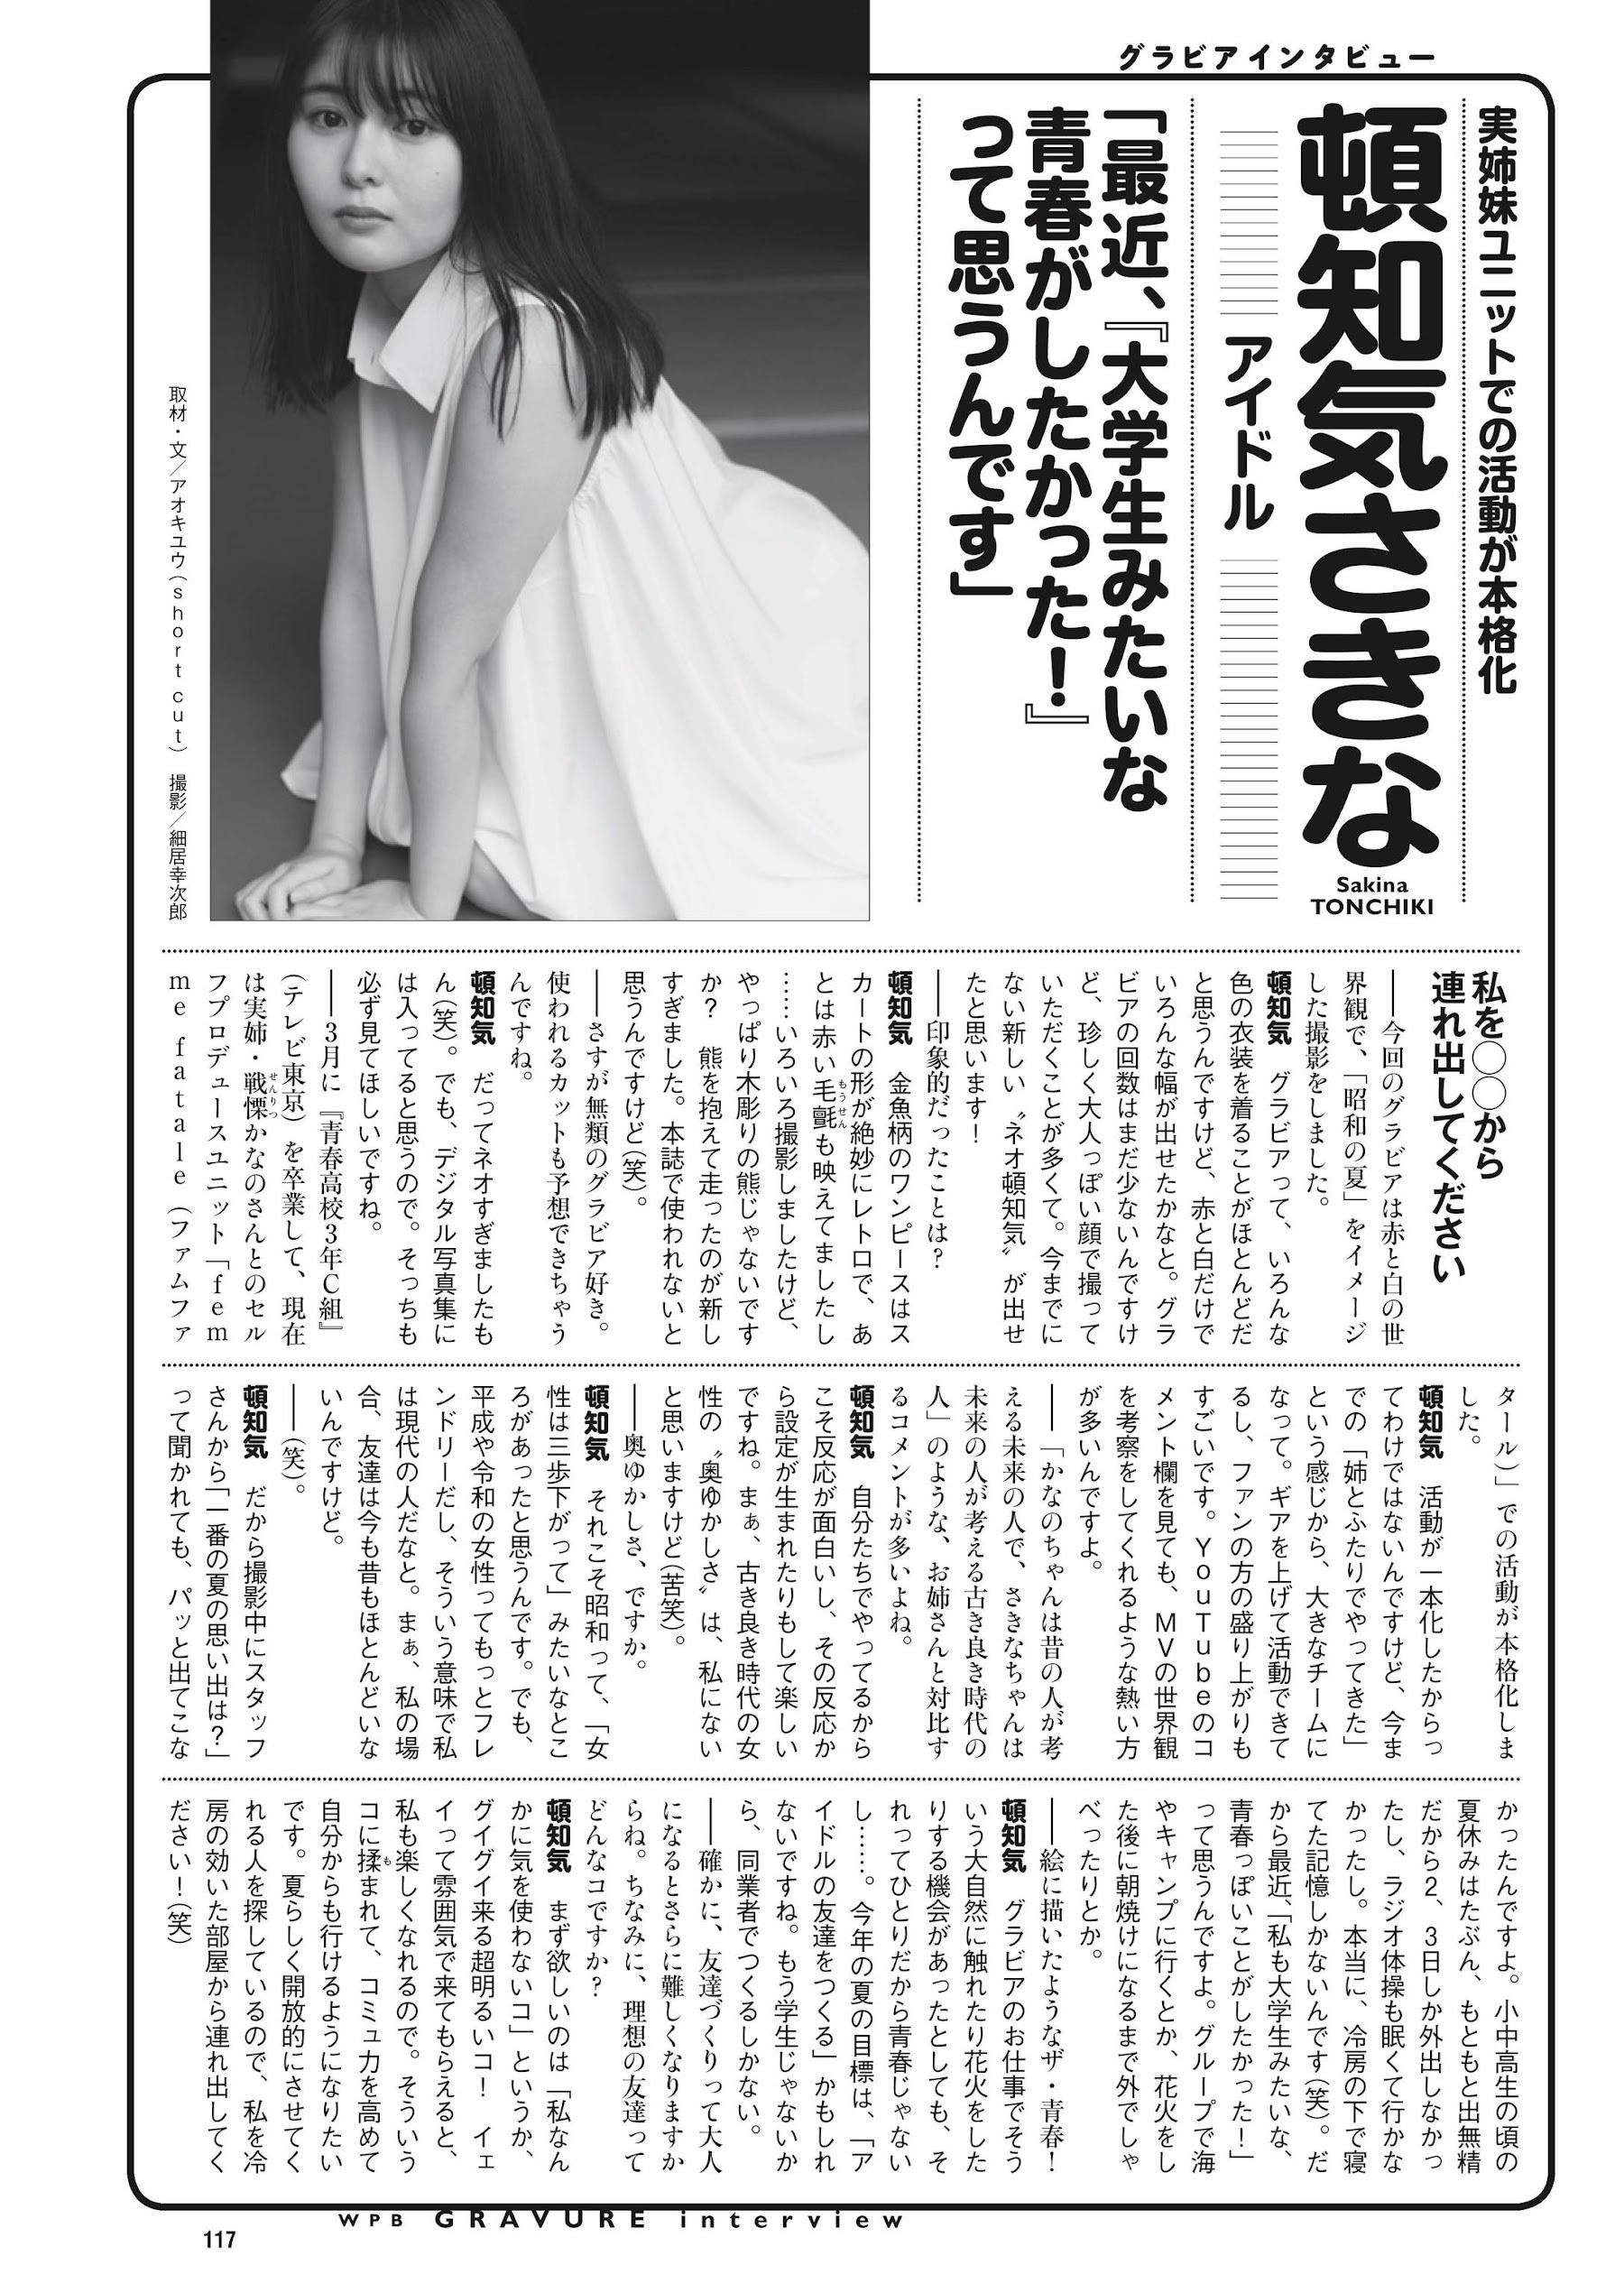 豊田ルナ 頓知気さきな あかせあかり 伊织萌-Weekly Playboy 2021年第三十五期 高清套图 第27张